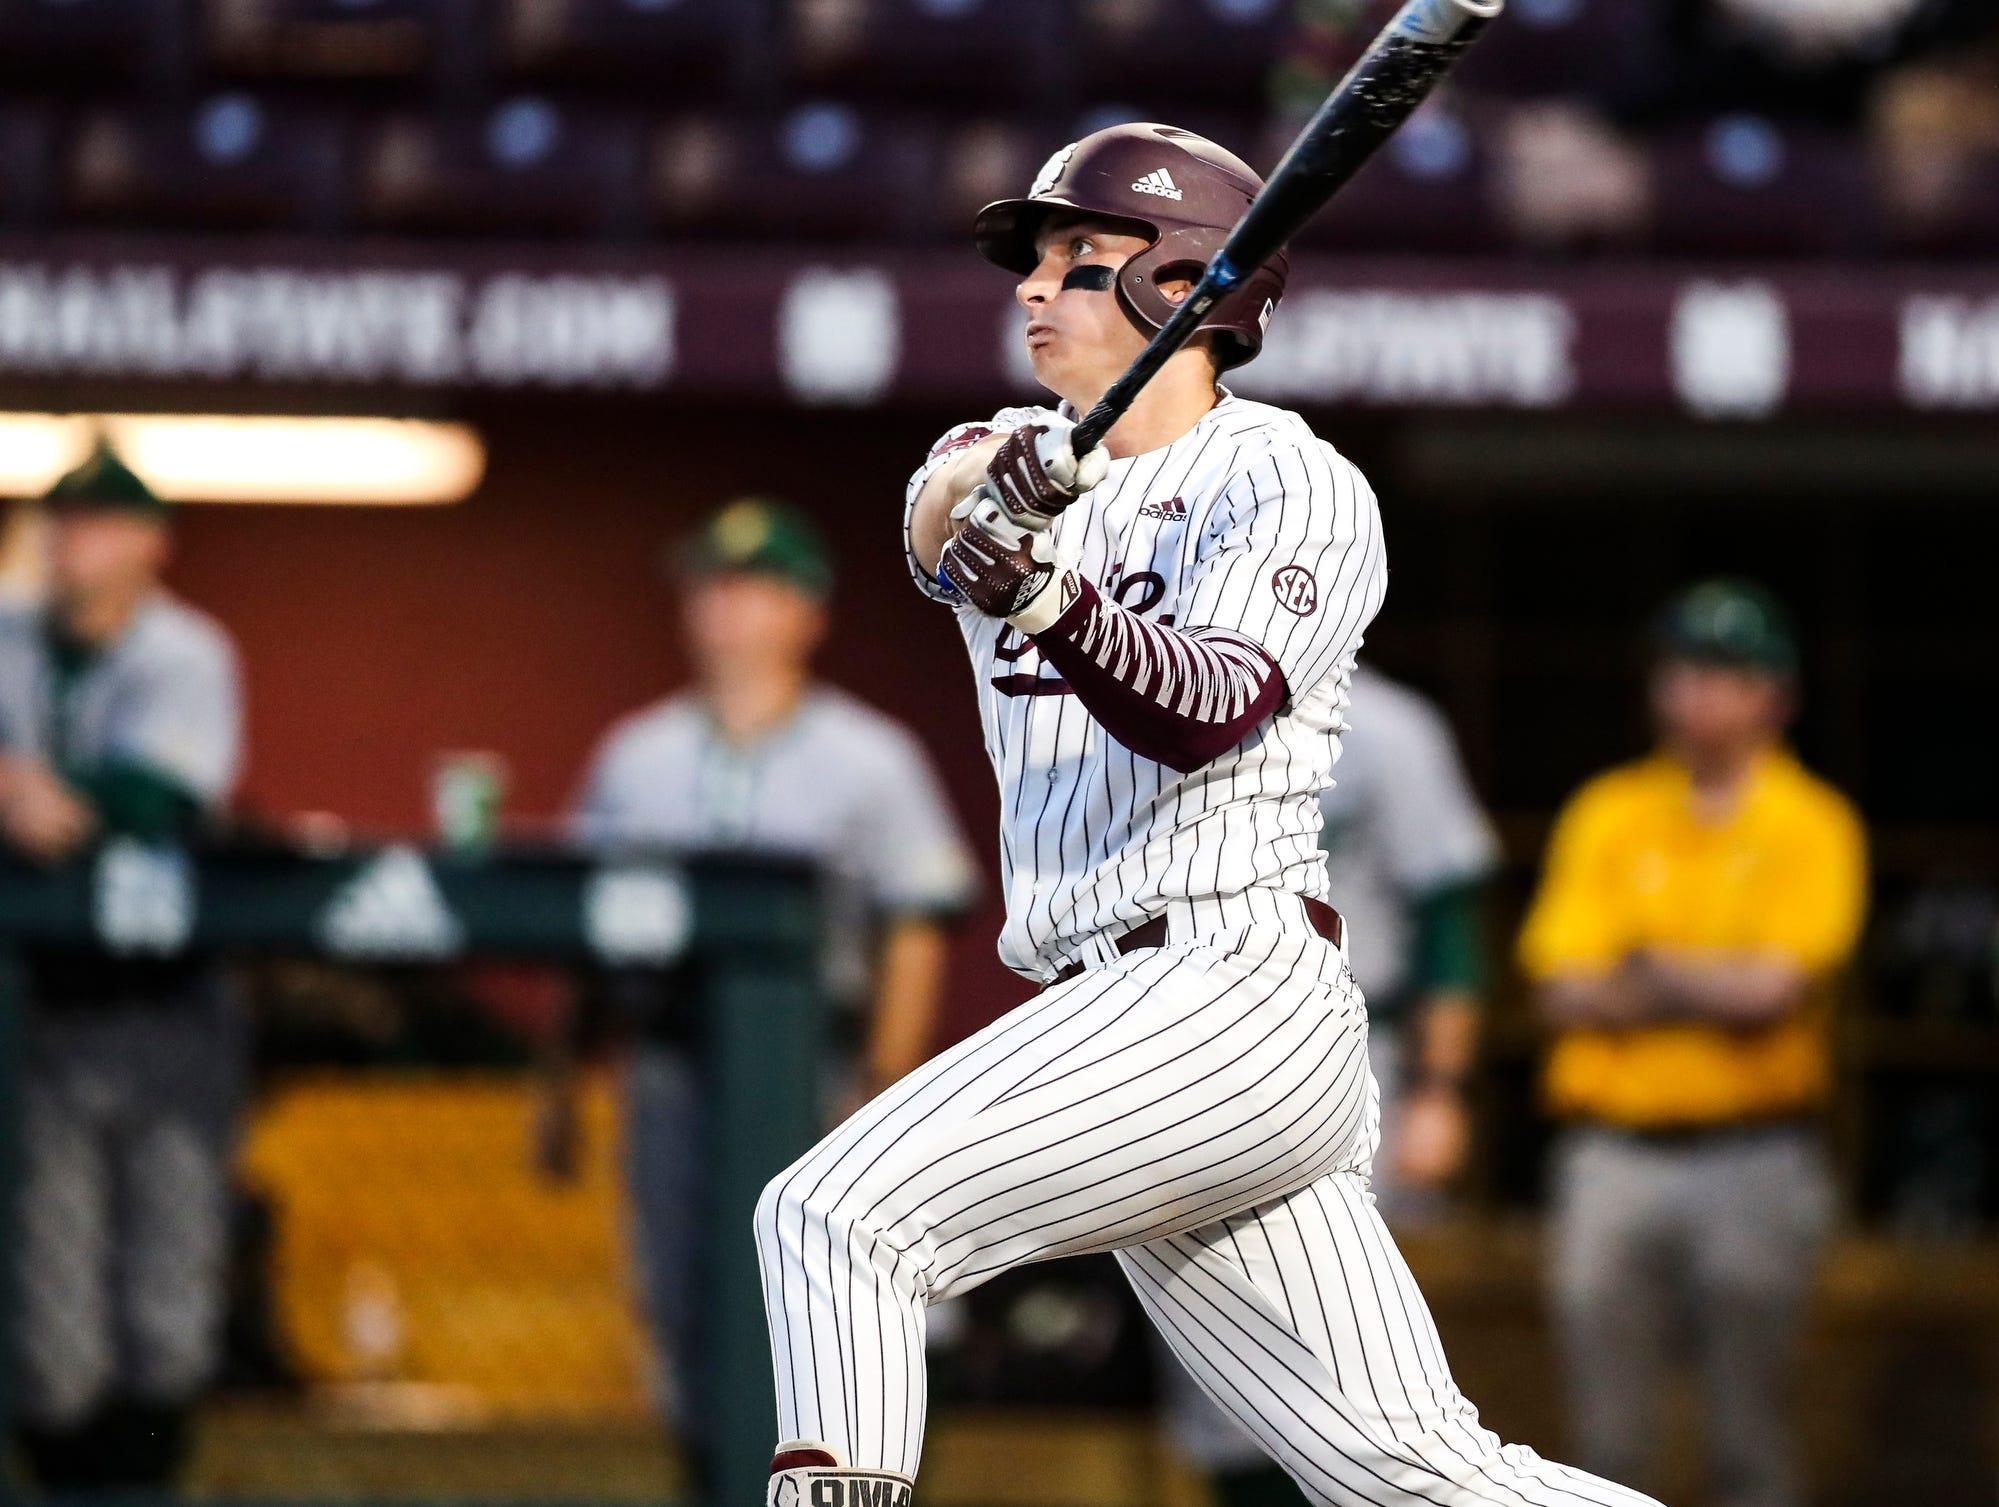 See Mississippi State's Gunner Halter's hit to end longest SEC Baseball Tournament game